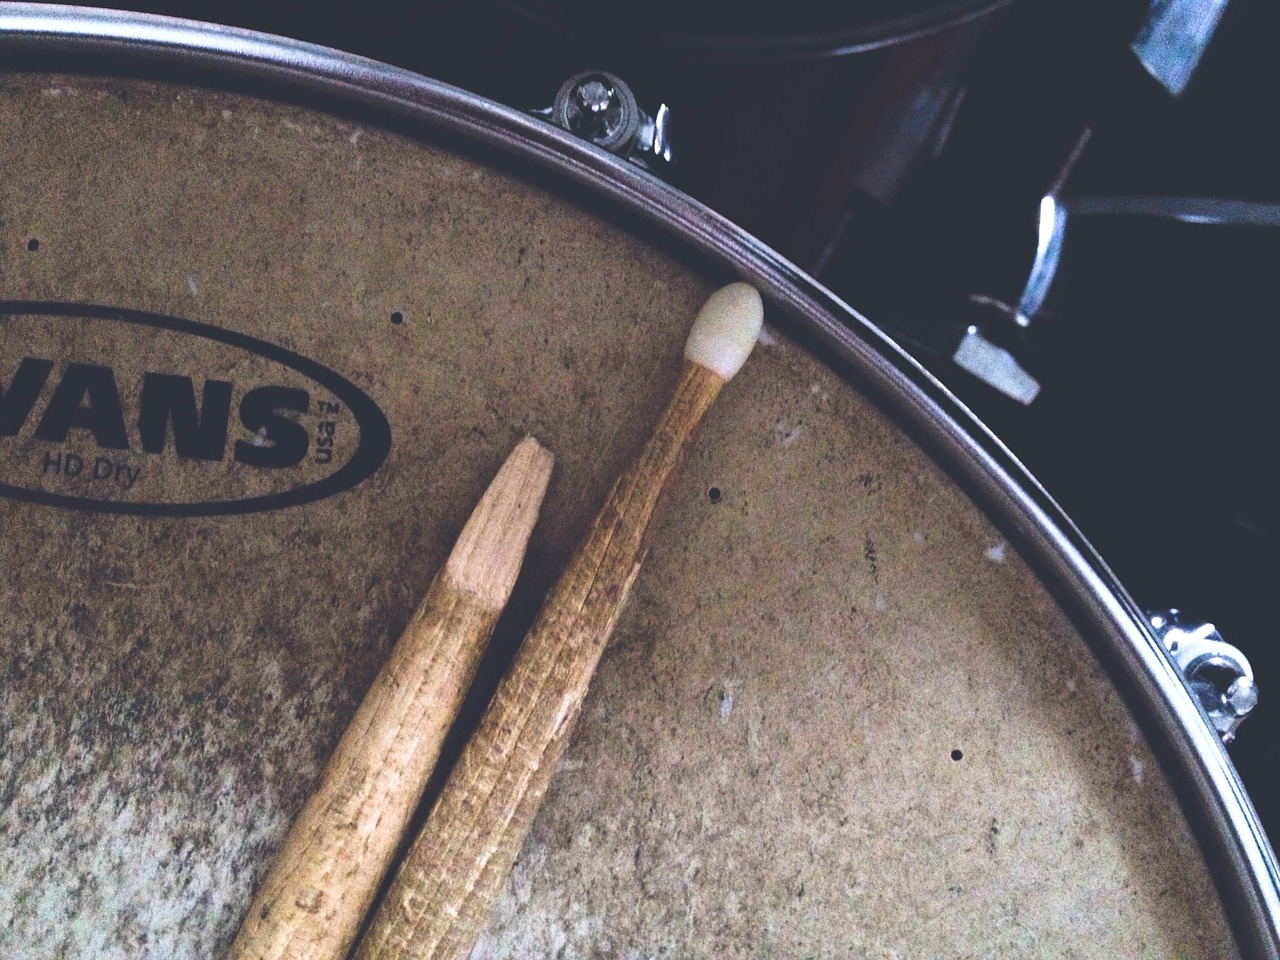 broken-drumstick-2178387_1280